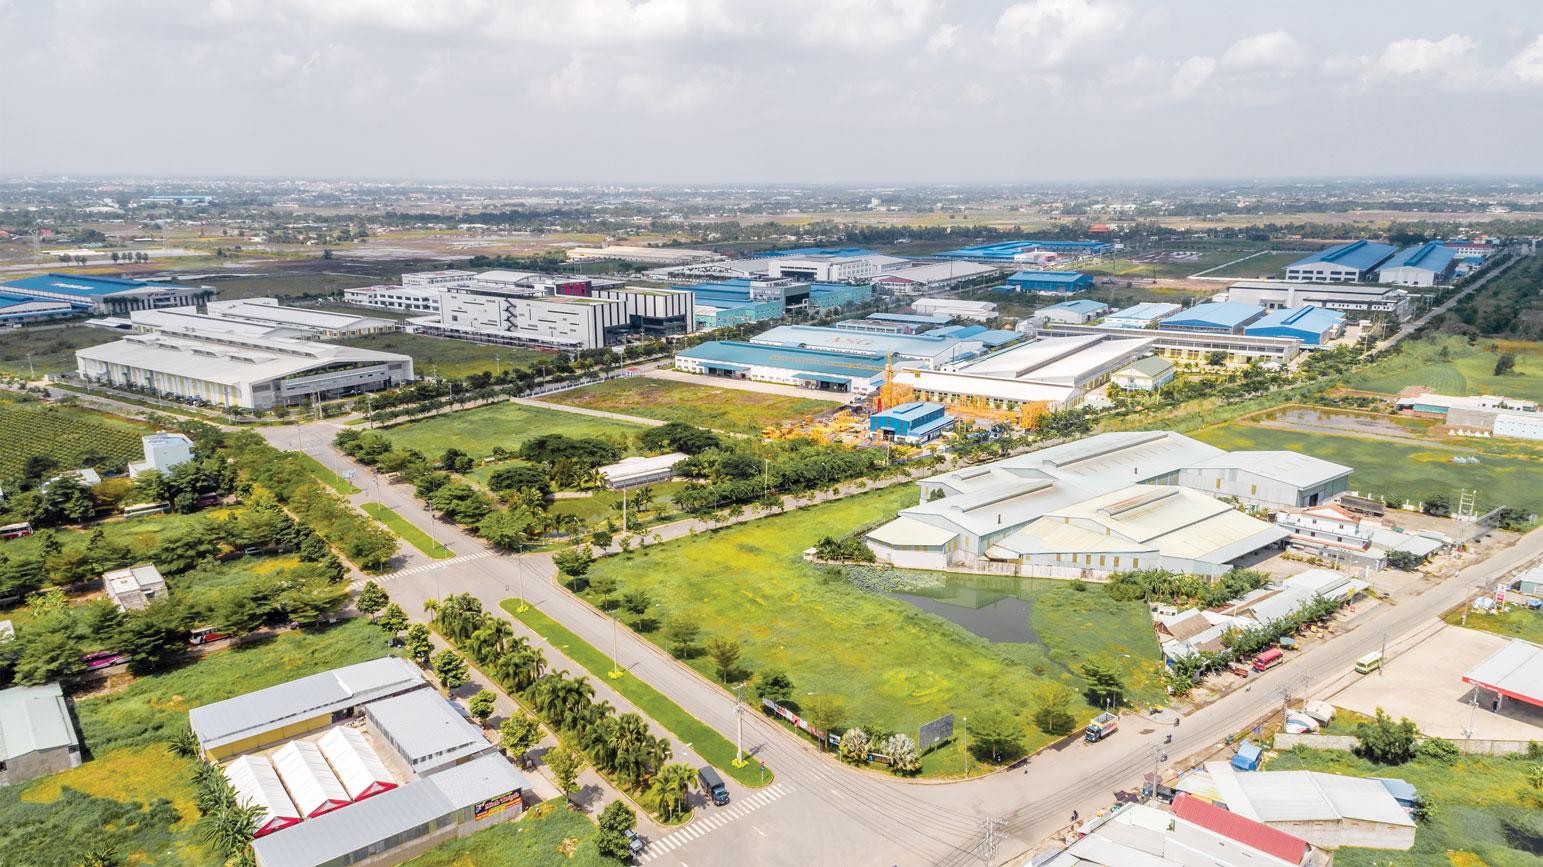 Tăng tỷ lệ lấp đầy các khu, cụm công nghiệp góp phần tăng trưởng kinh tế (GRDP) của tỉnh năm 2020 ước đạt 5,91%